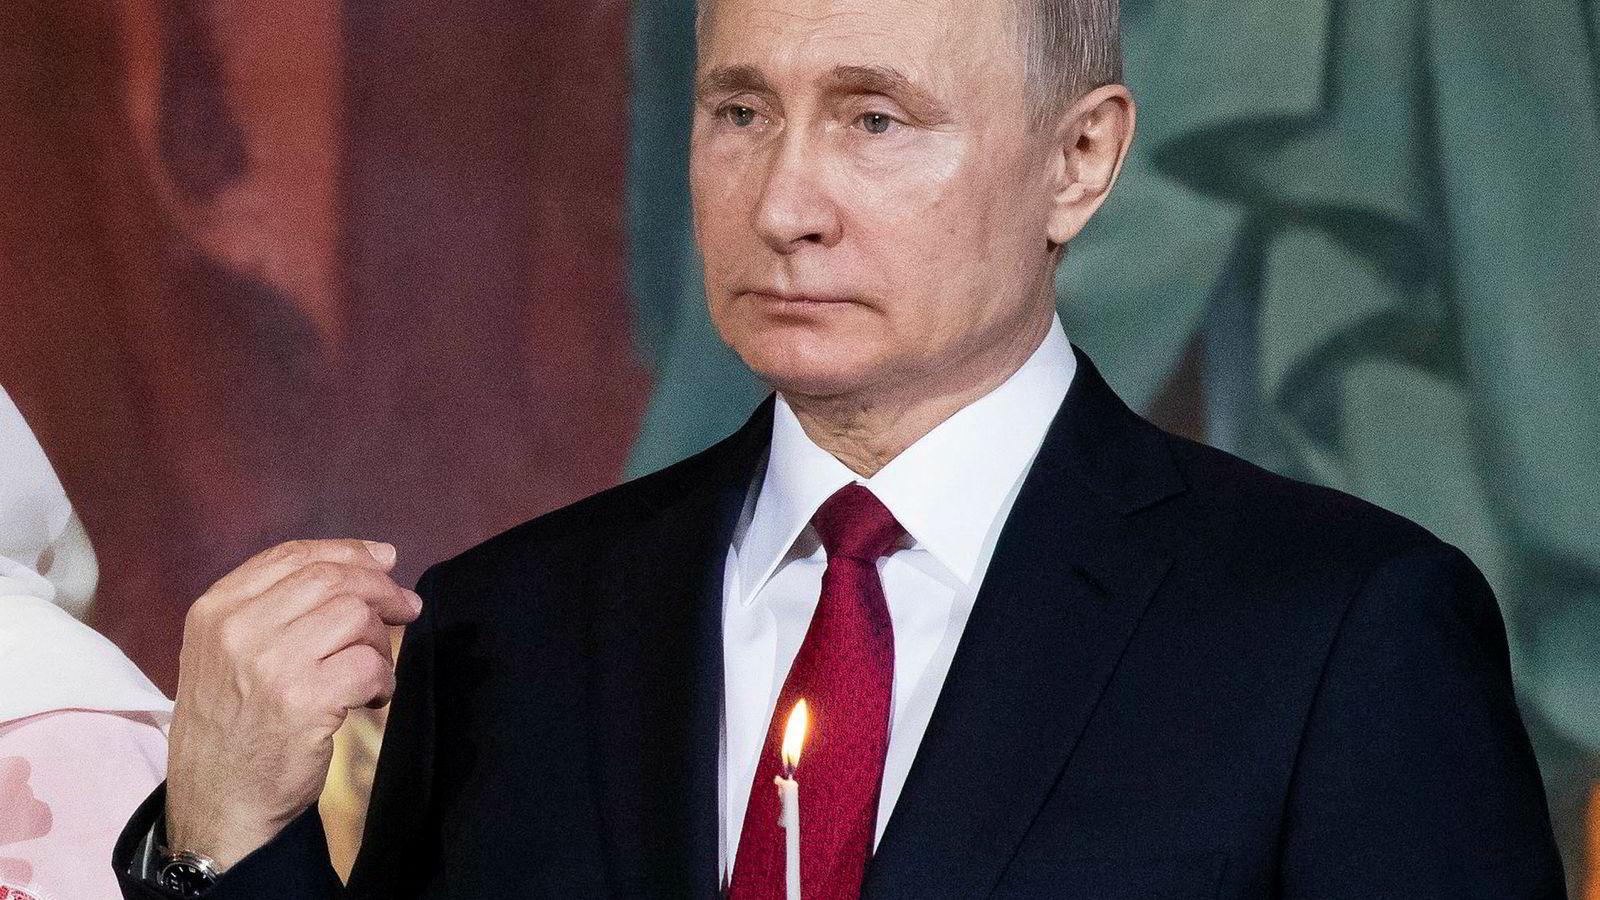 President Vladimir Putin driver fortsatt politisk krig mot vestlige demokratier. Her gjør han korsets tegn i påsken.